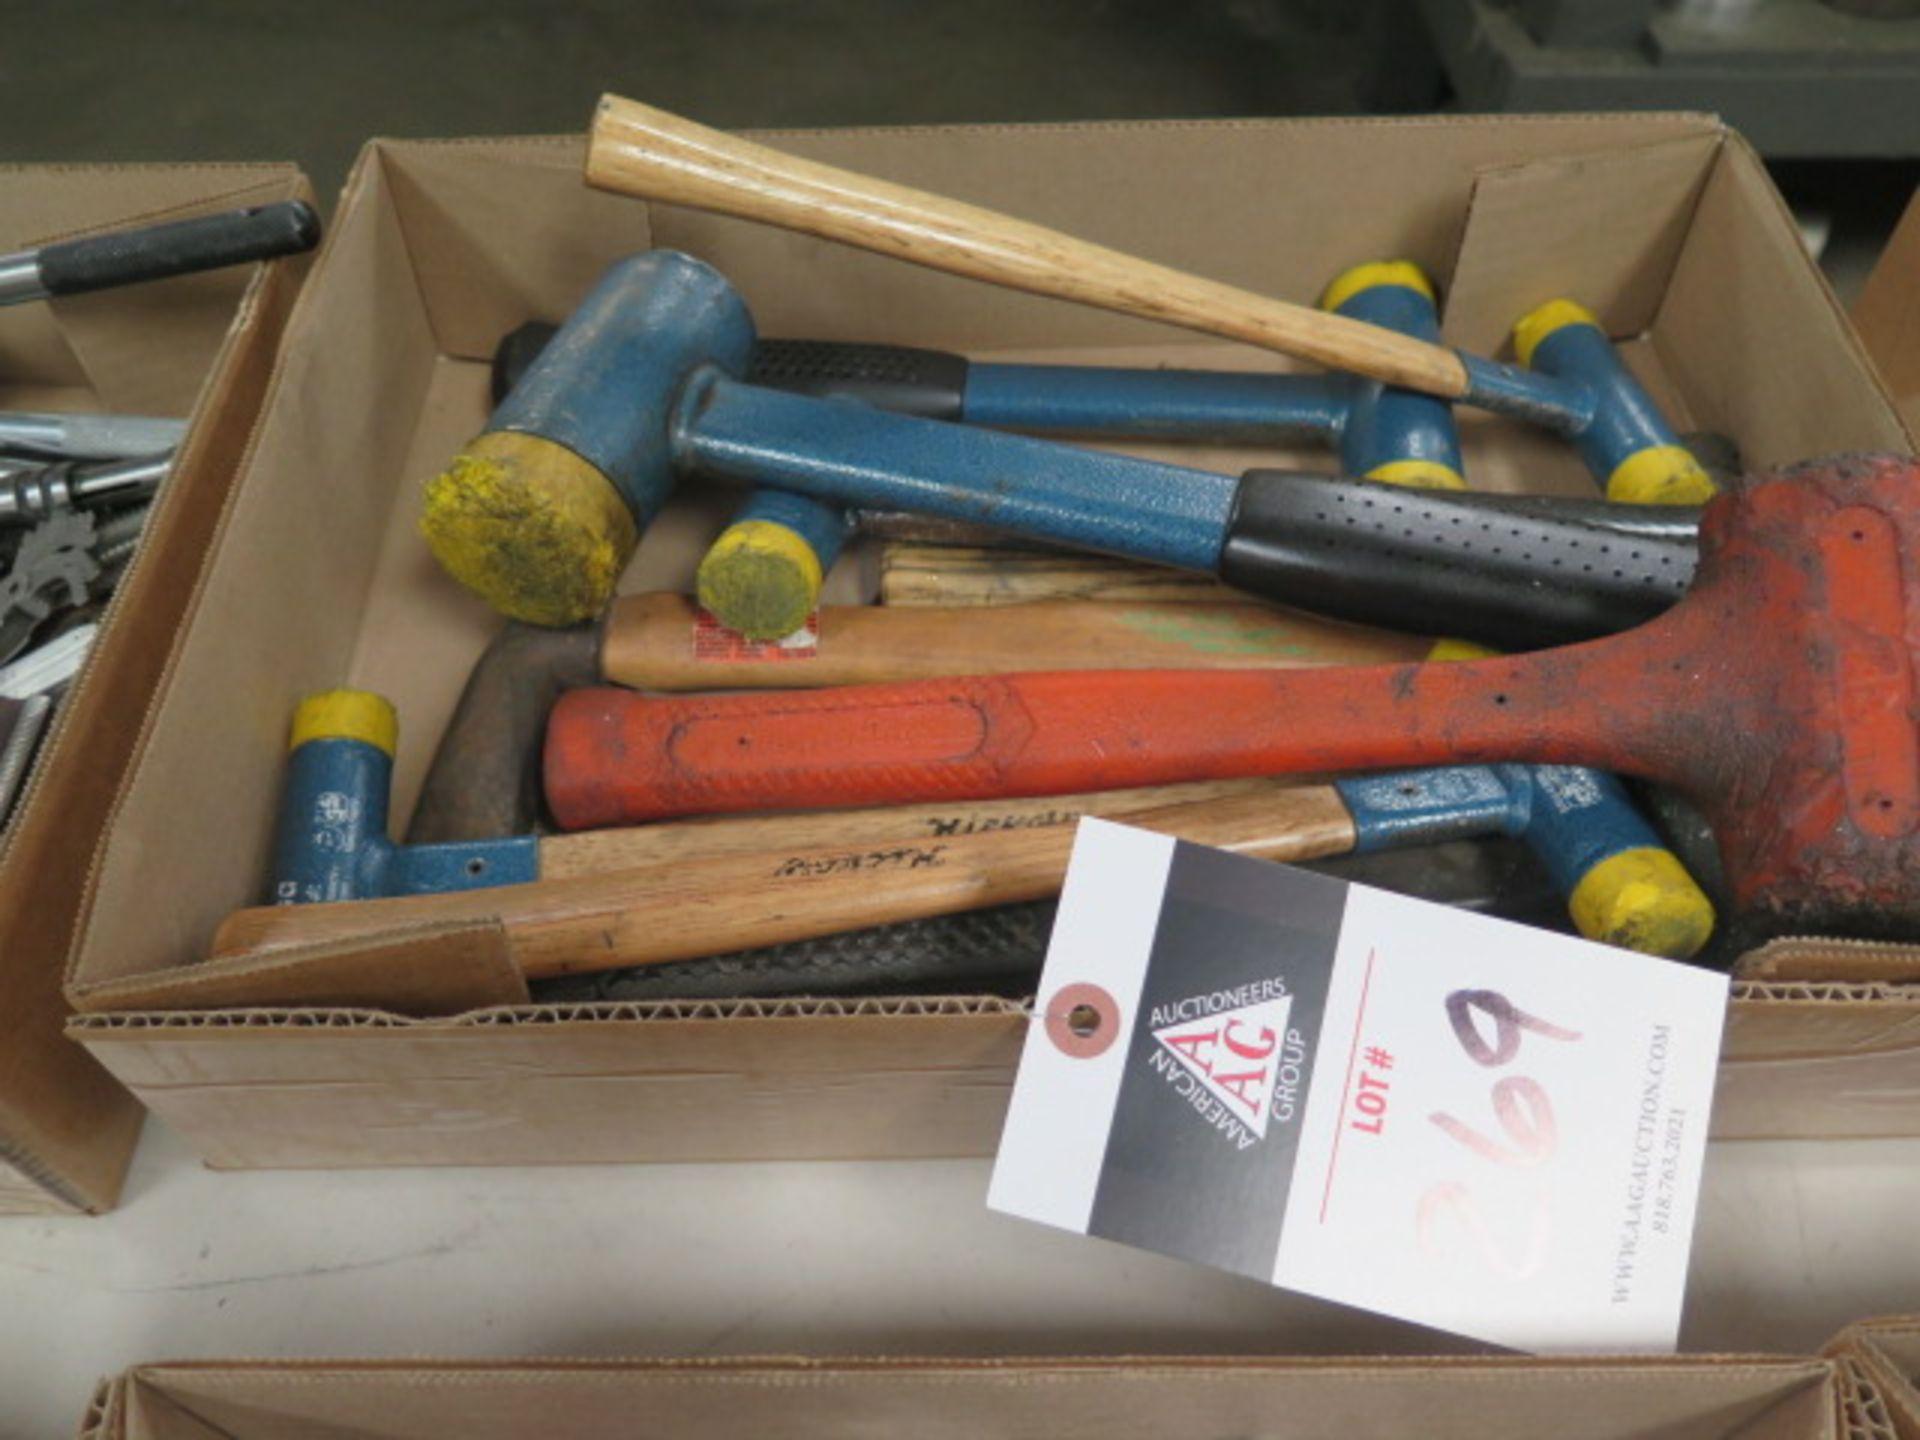 Dead Blow Hammers (SOLD AS-IS - NO WARRANTY)